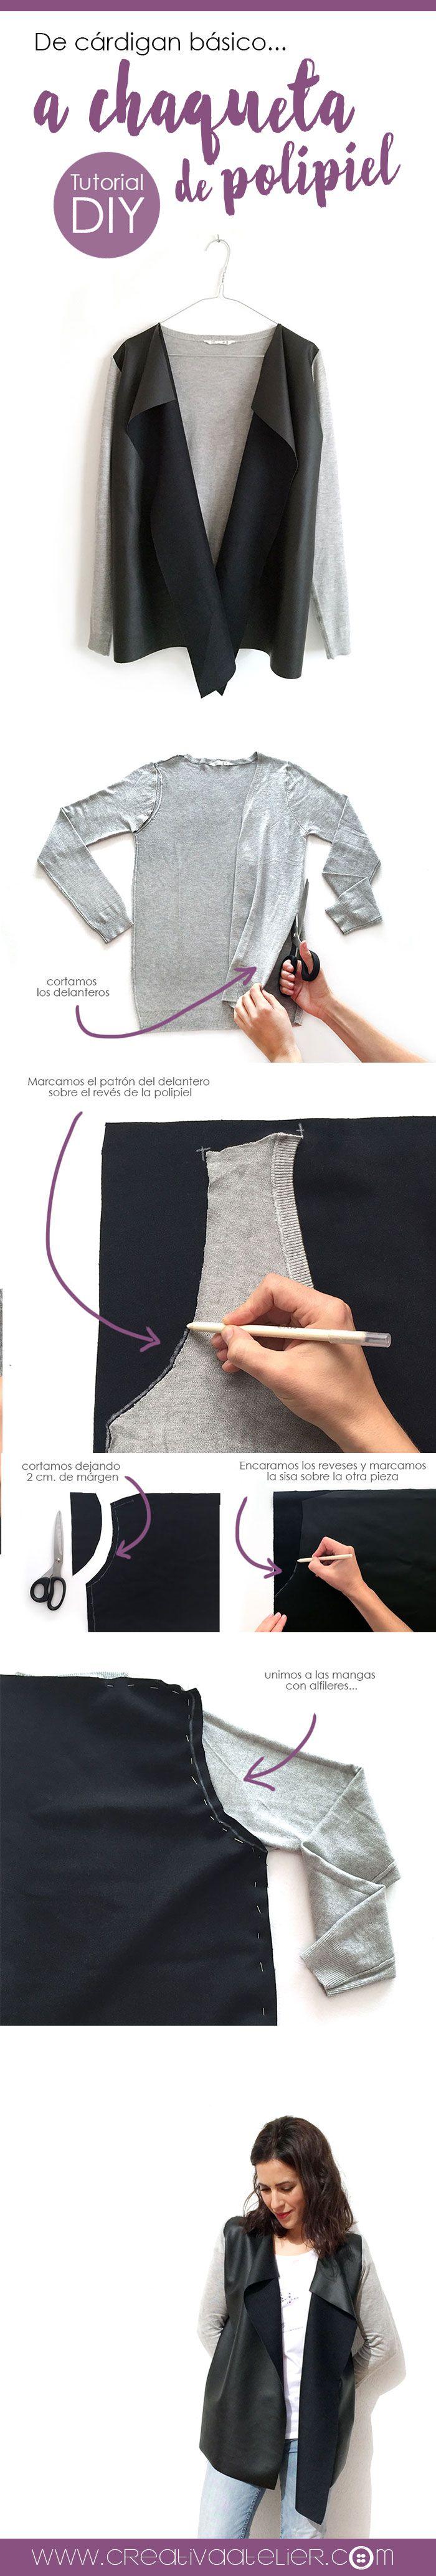 Chaqueta de punto y polipiel transformando un cardigan básico -DIY- Tutorial paso a paso, más detalles y fotos en el enlace.